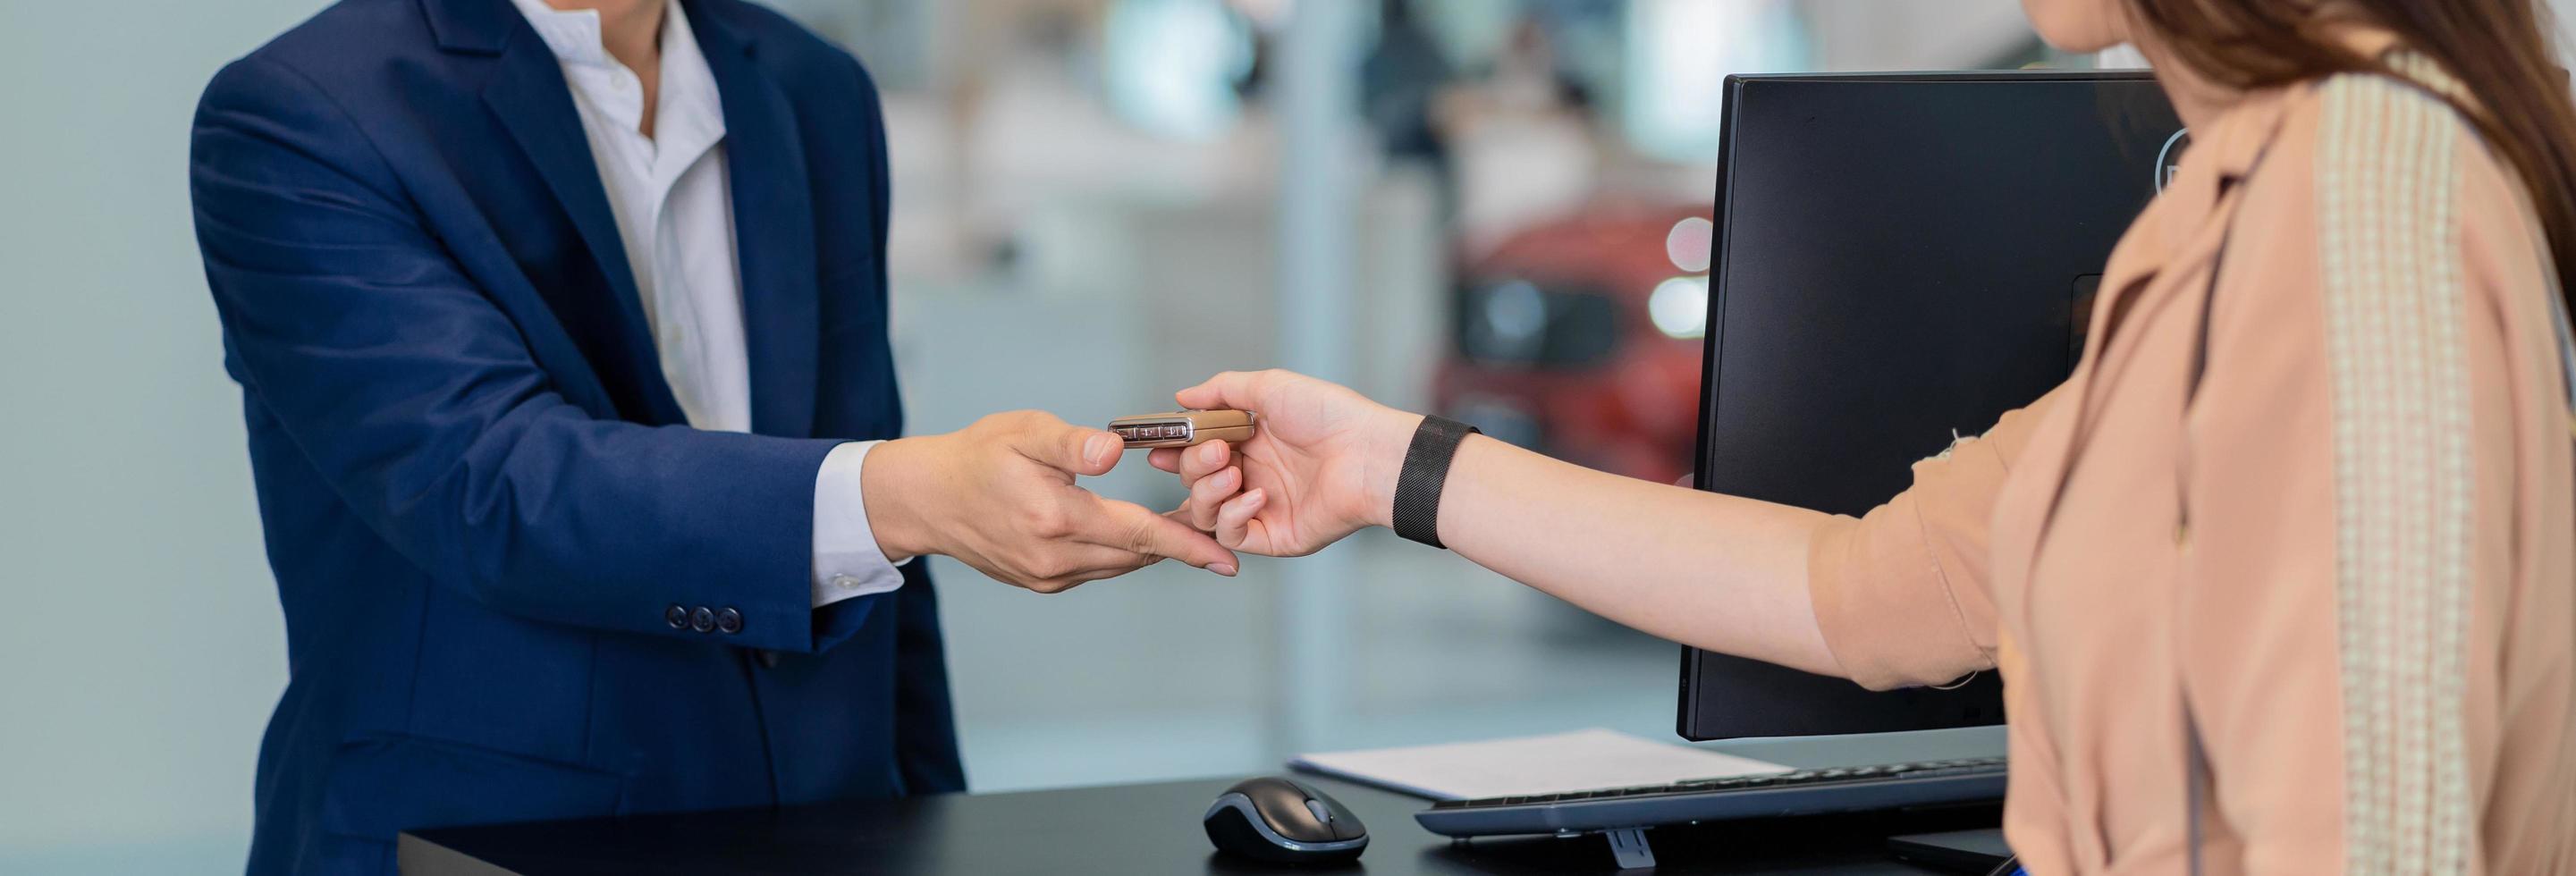 close de uma recepcionista asiática entregar as chaves do carro na concessionária de automóveis foto